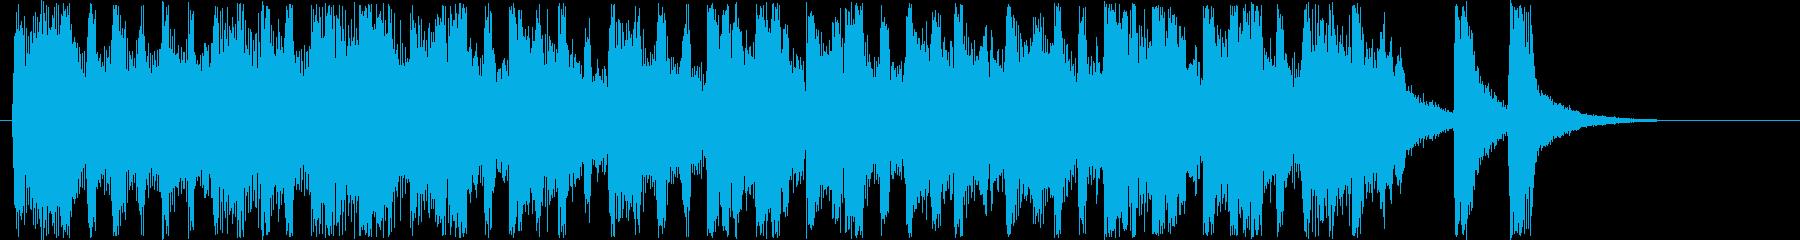 メルヘンなシンセサウンド短めの再生済みの波形